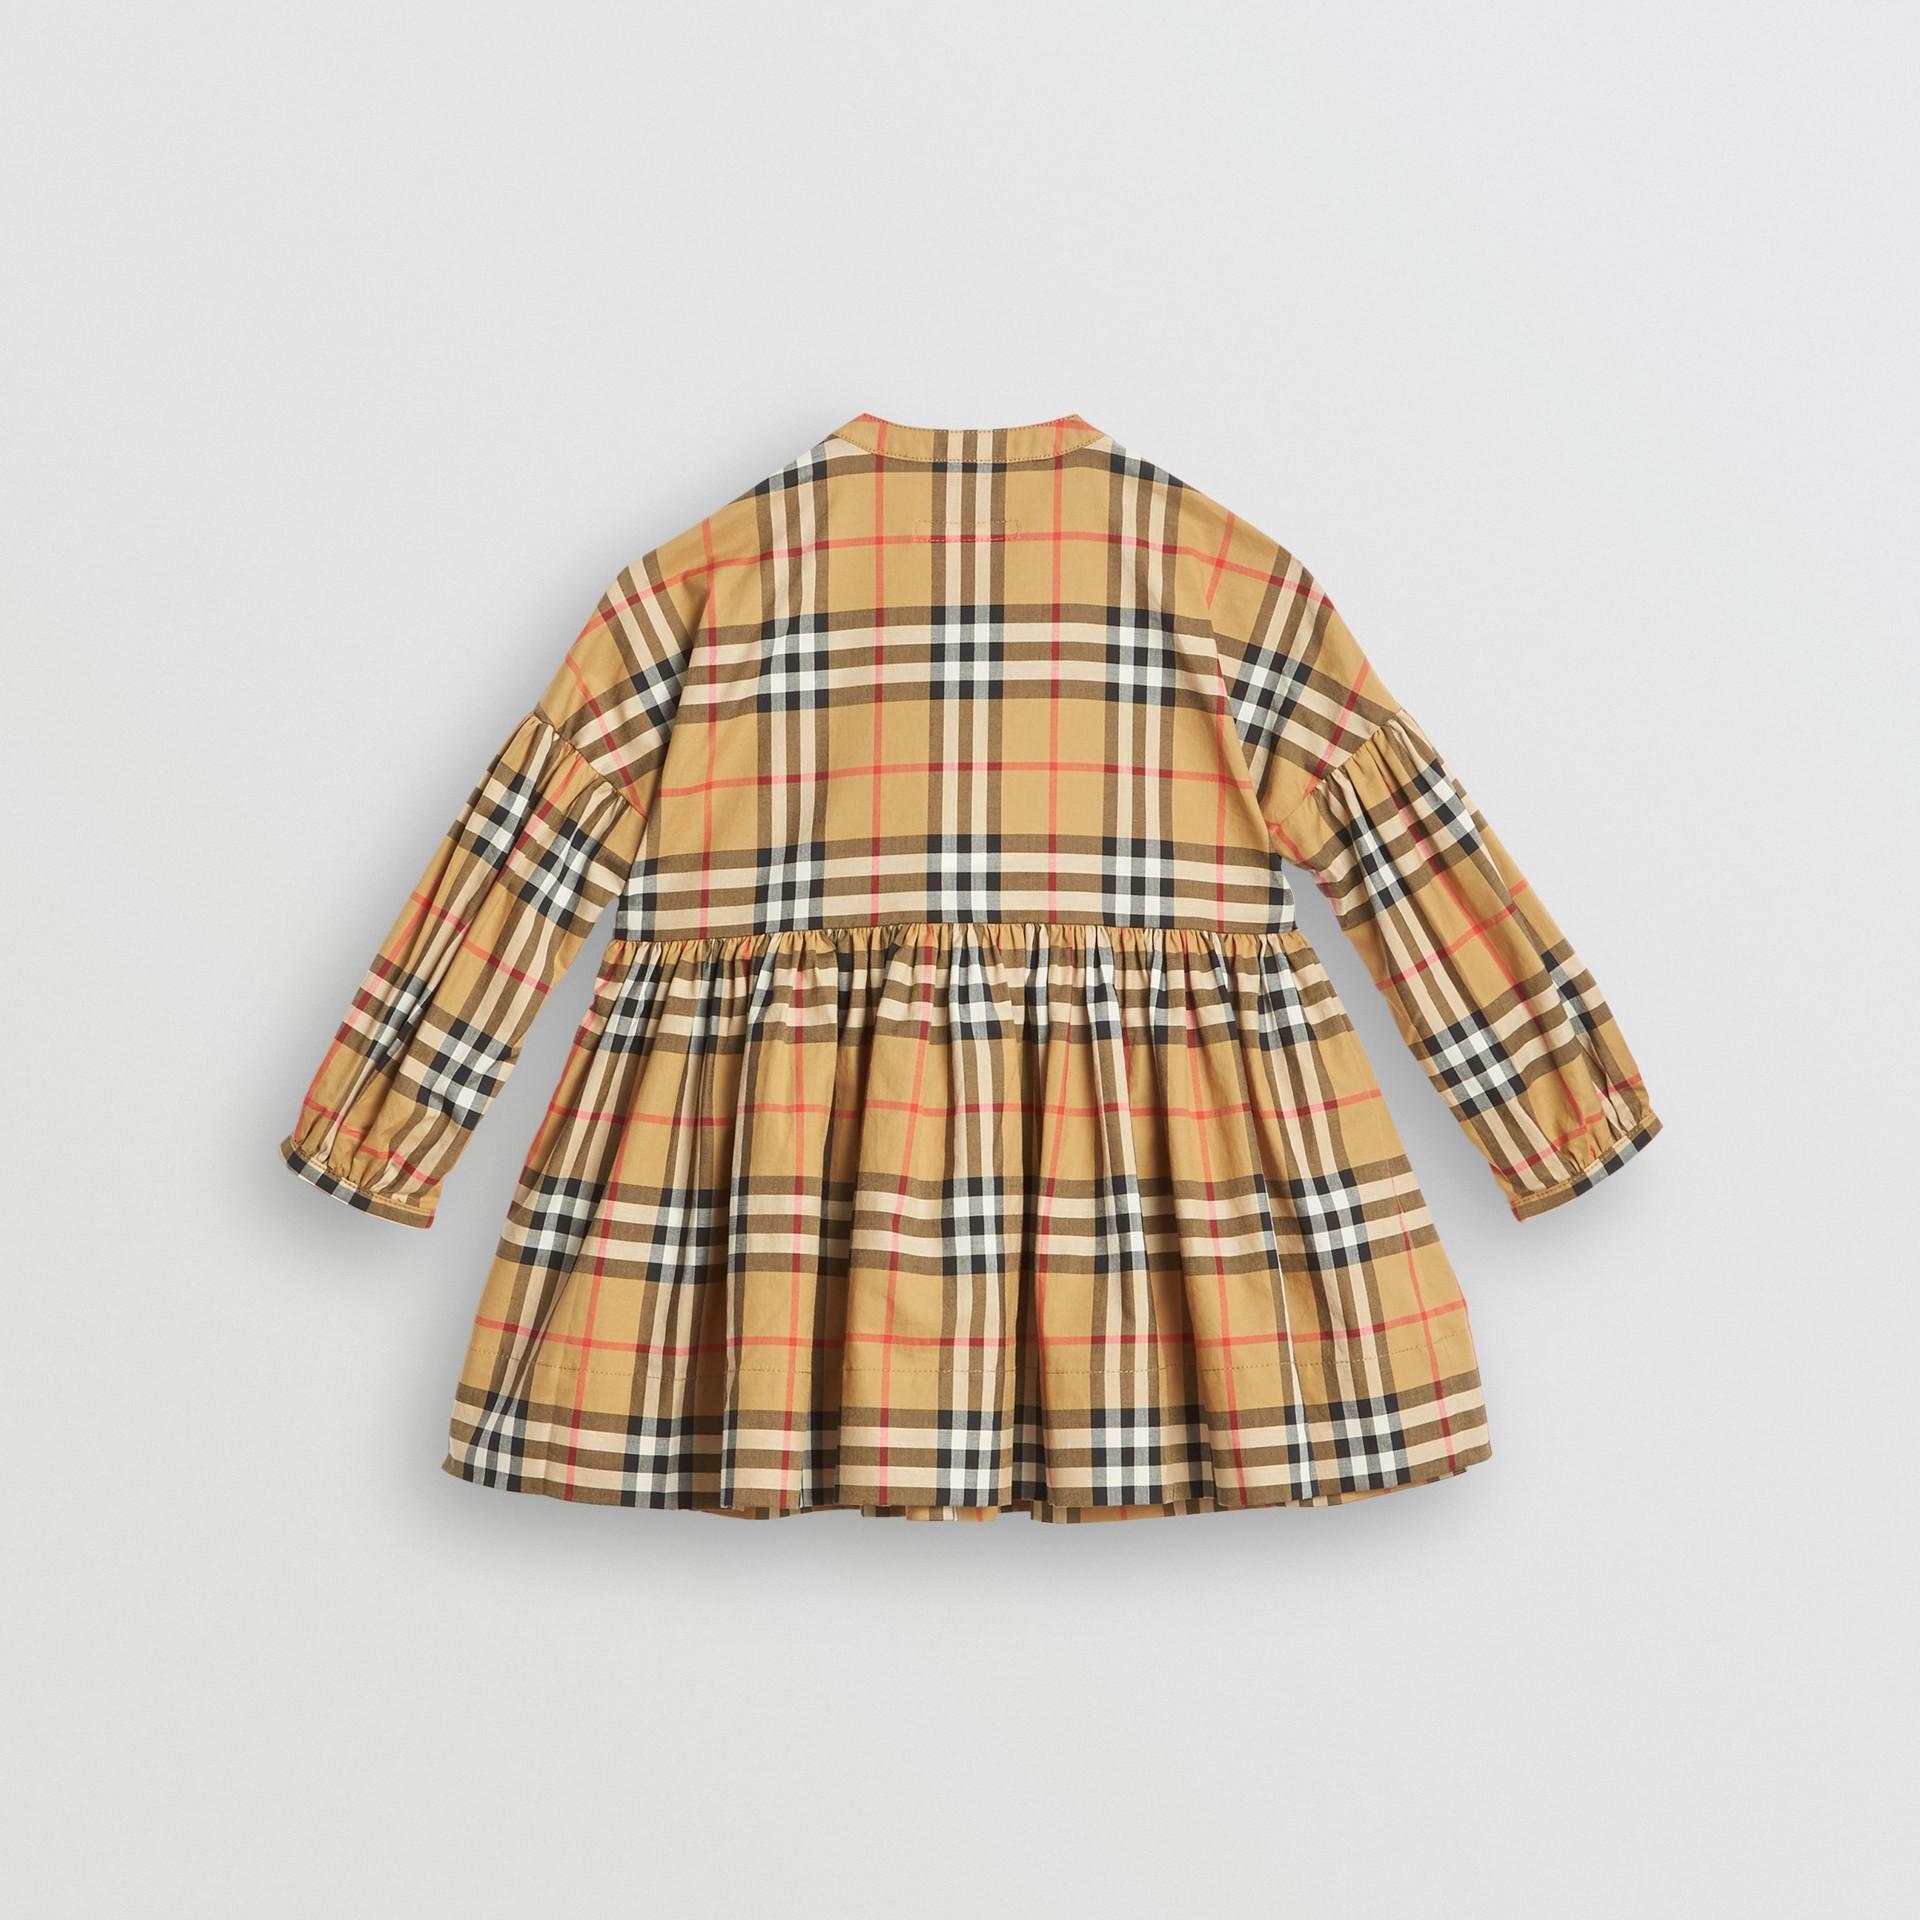 Robe en coton à motif Vintage check avec manches froncées (Jaune Antique) | Burberry - photo de la galerie 3